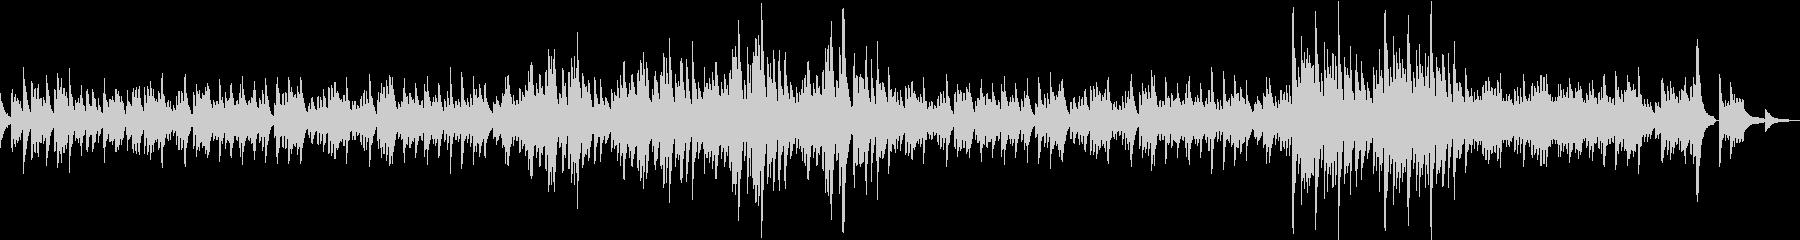 ピアノソロのセレモニー曲の未再生の波形